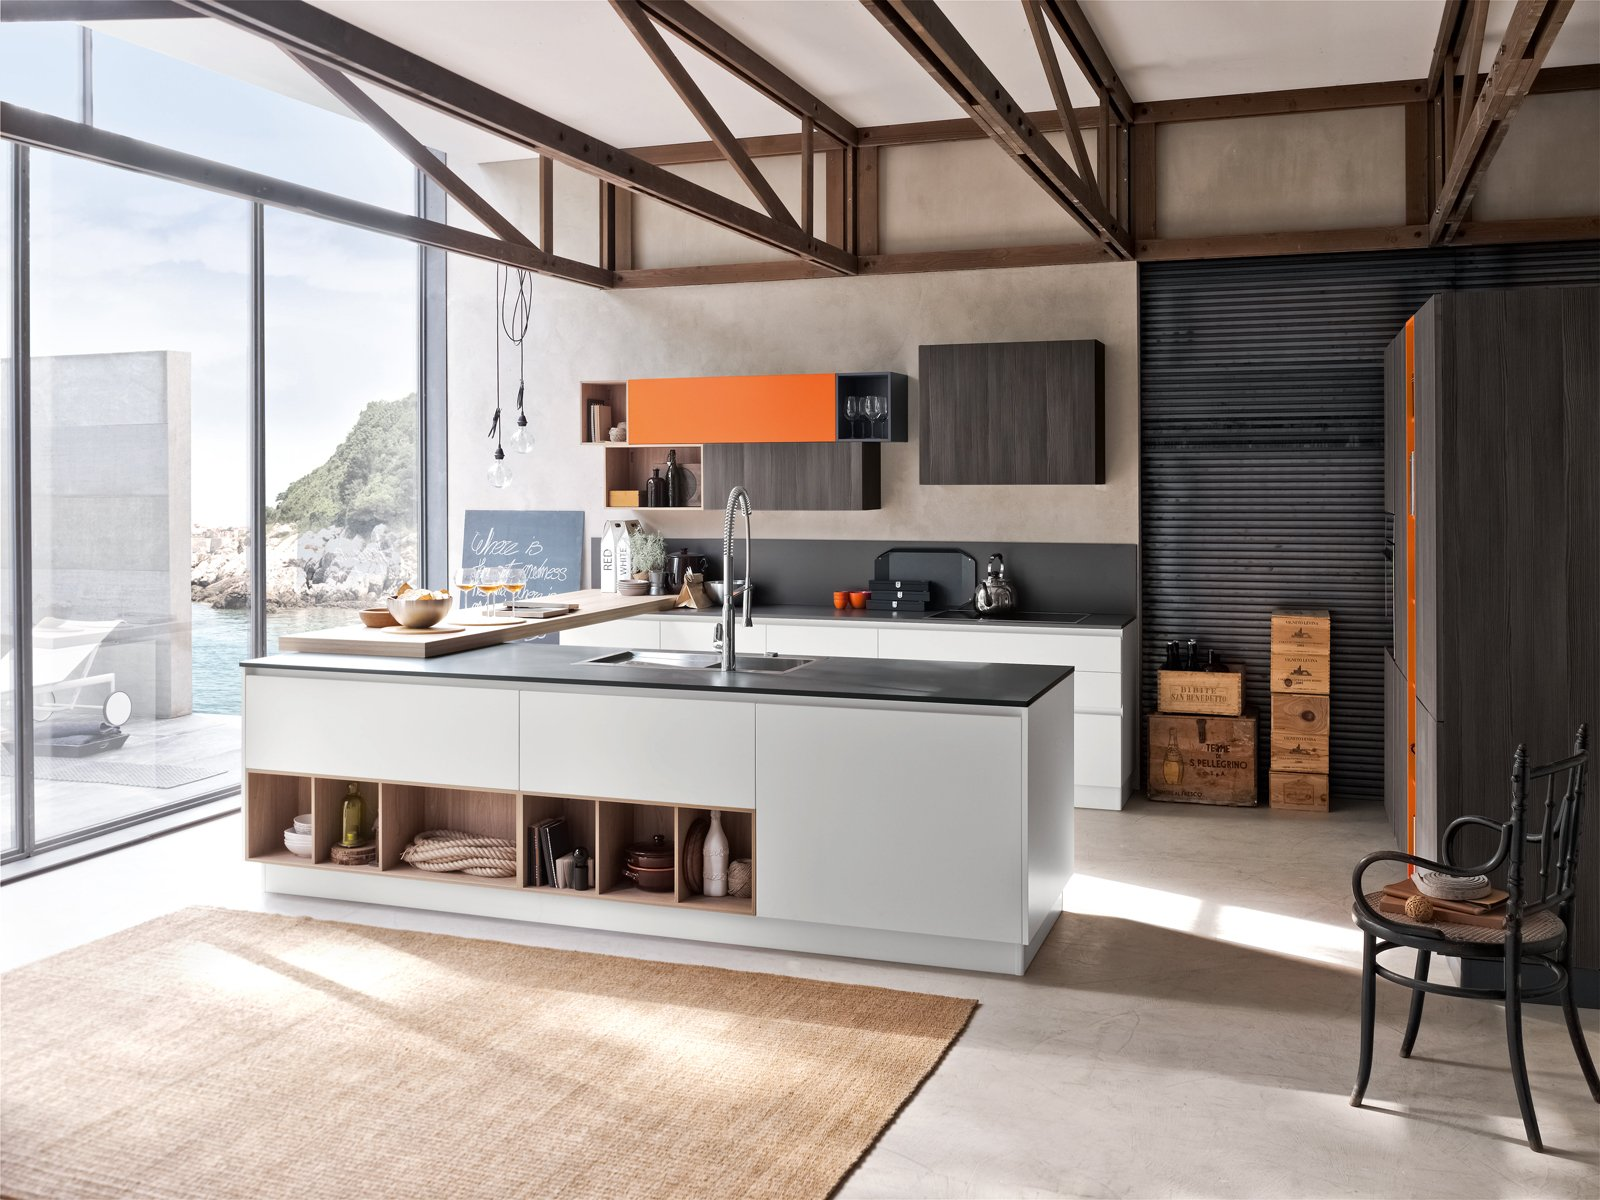 Cucine con grandi piani di lavoro cose di casa - Design cucine moderne ...